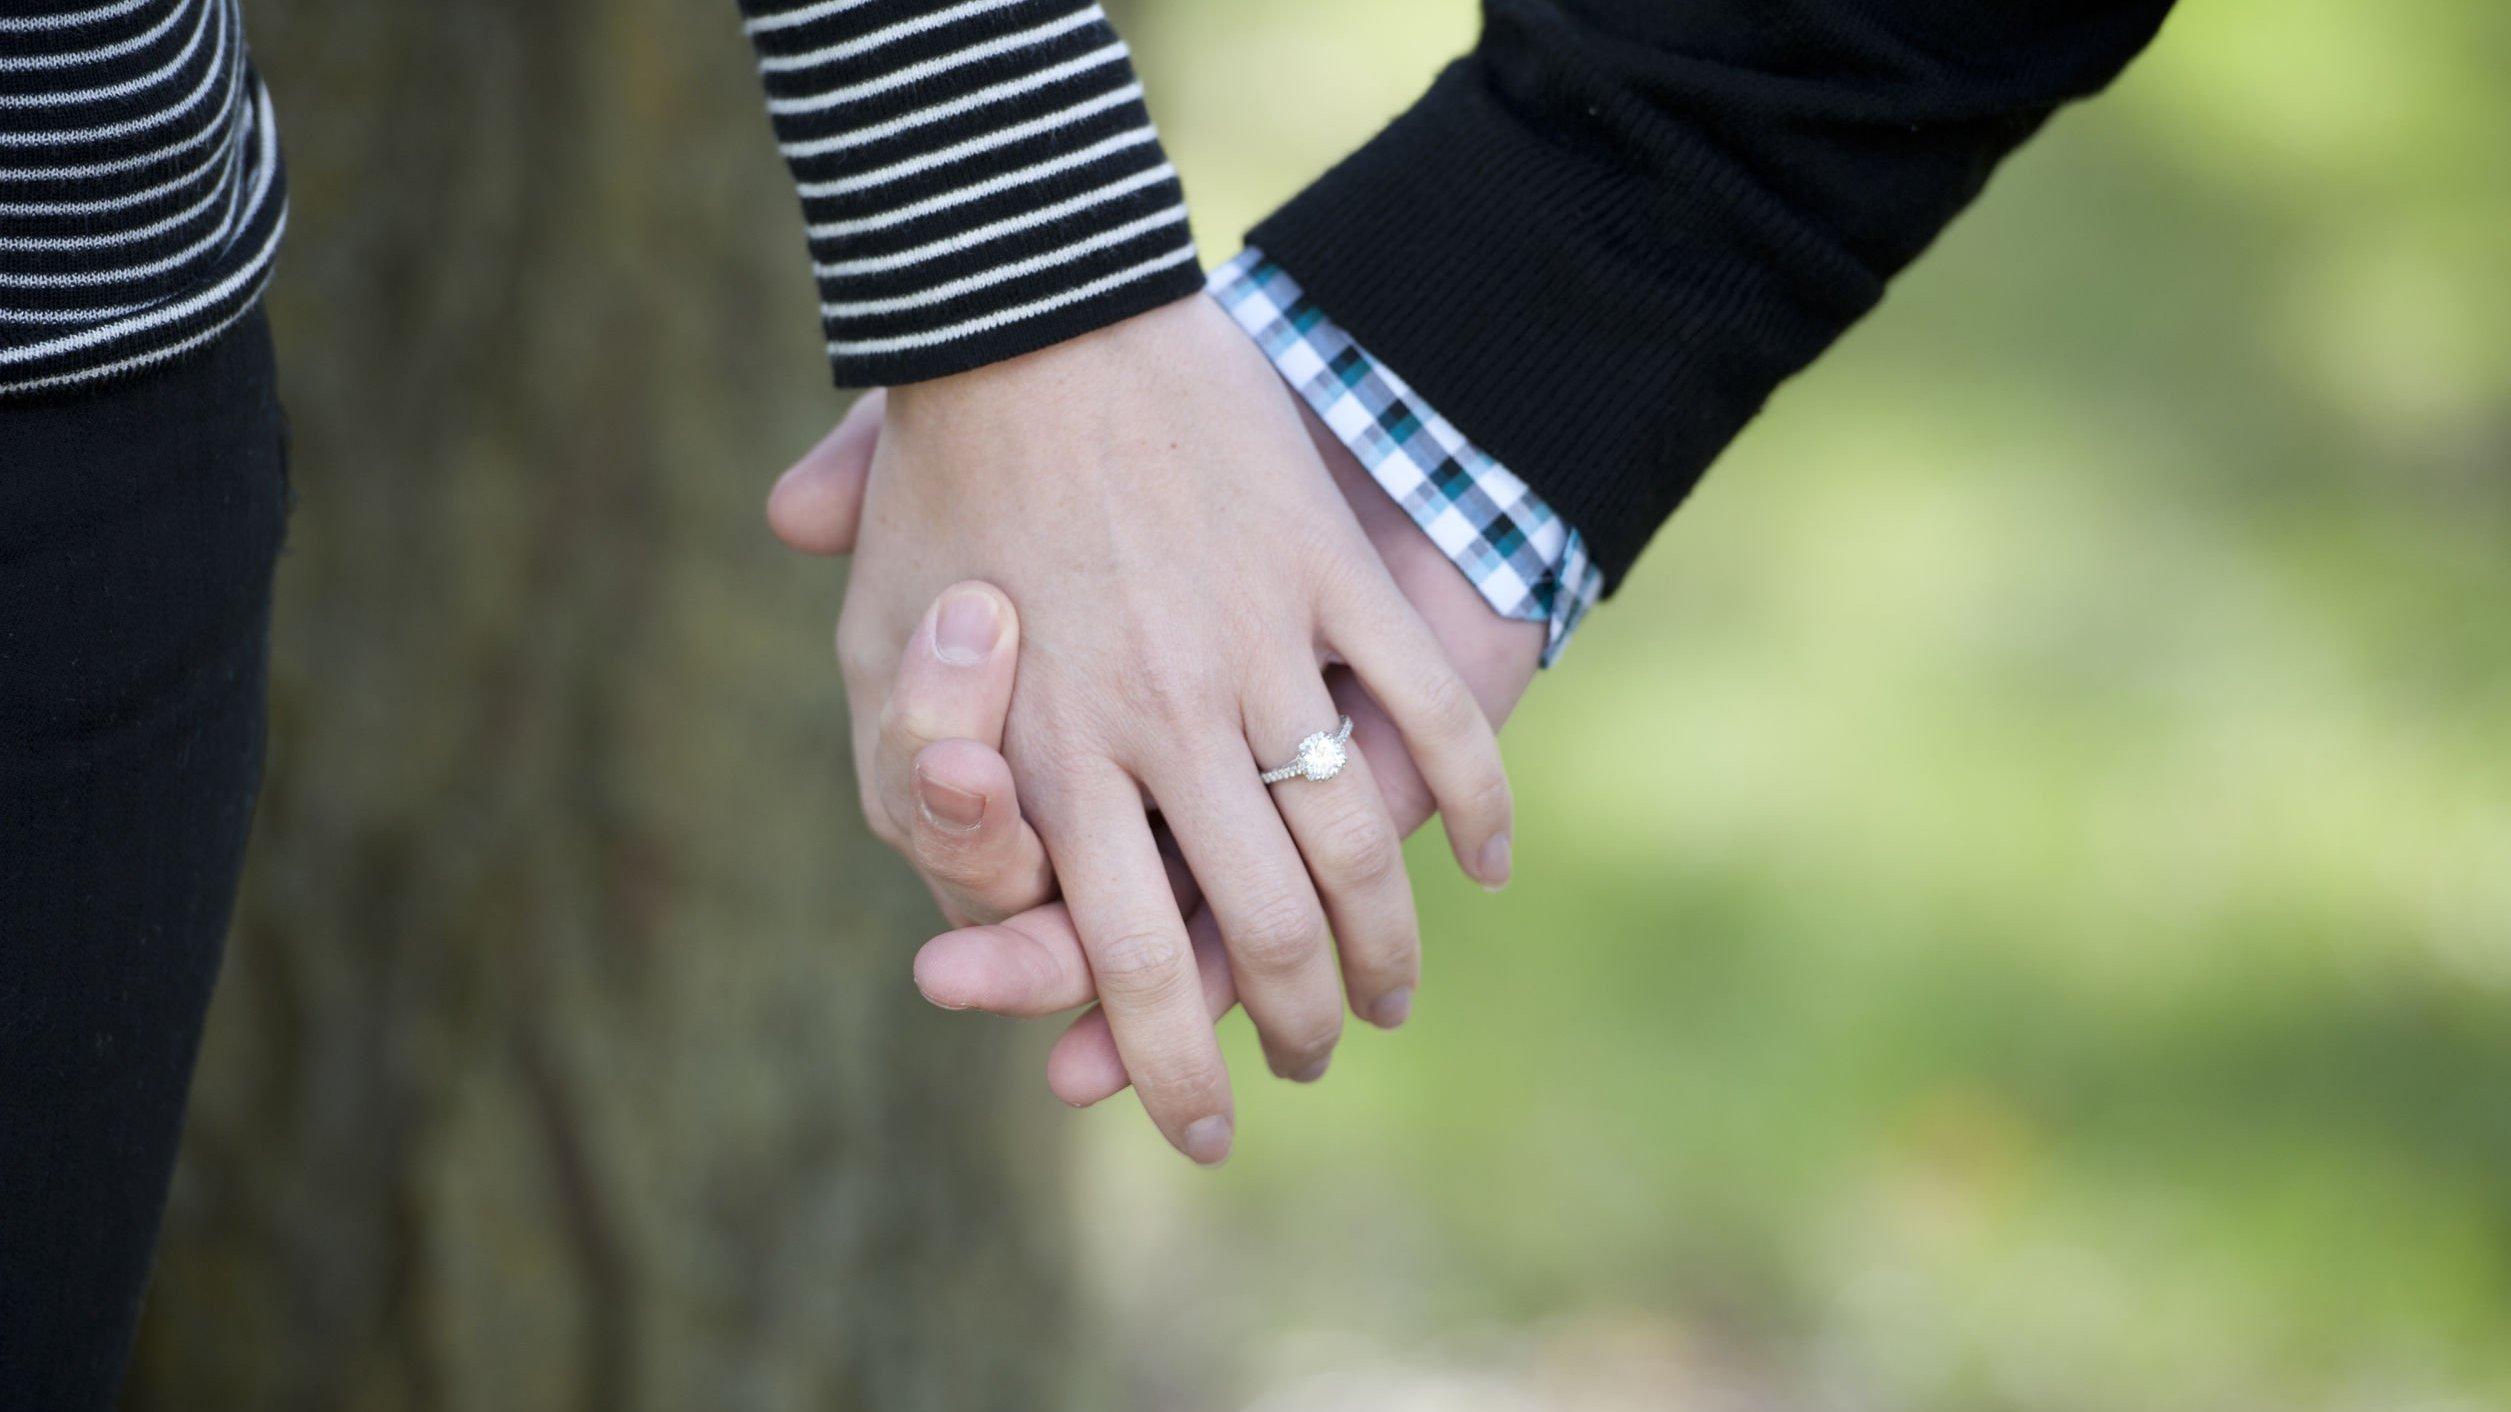 Duas pessoas de mãos dadas, e uma delas usa um anel de noivado.